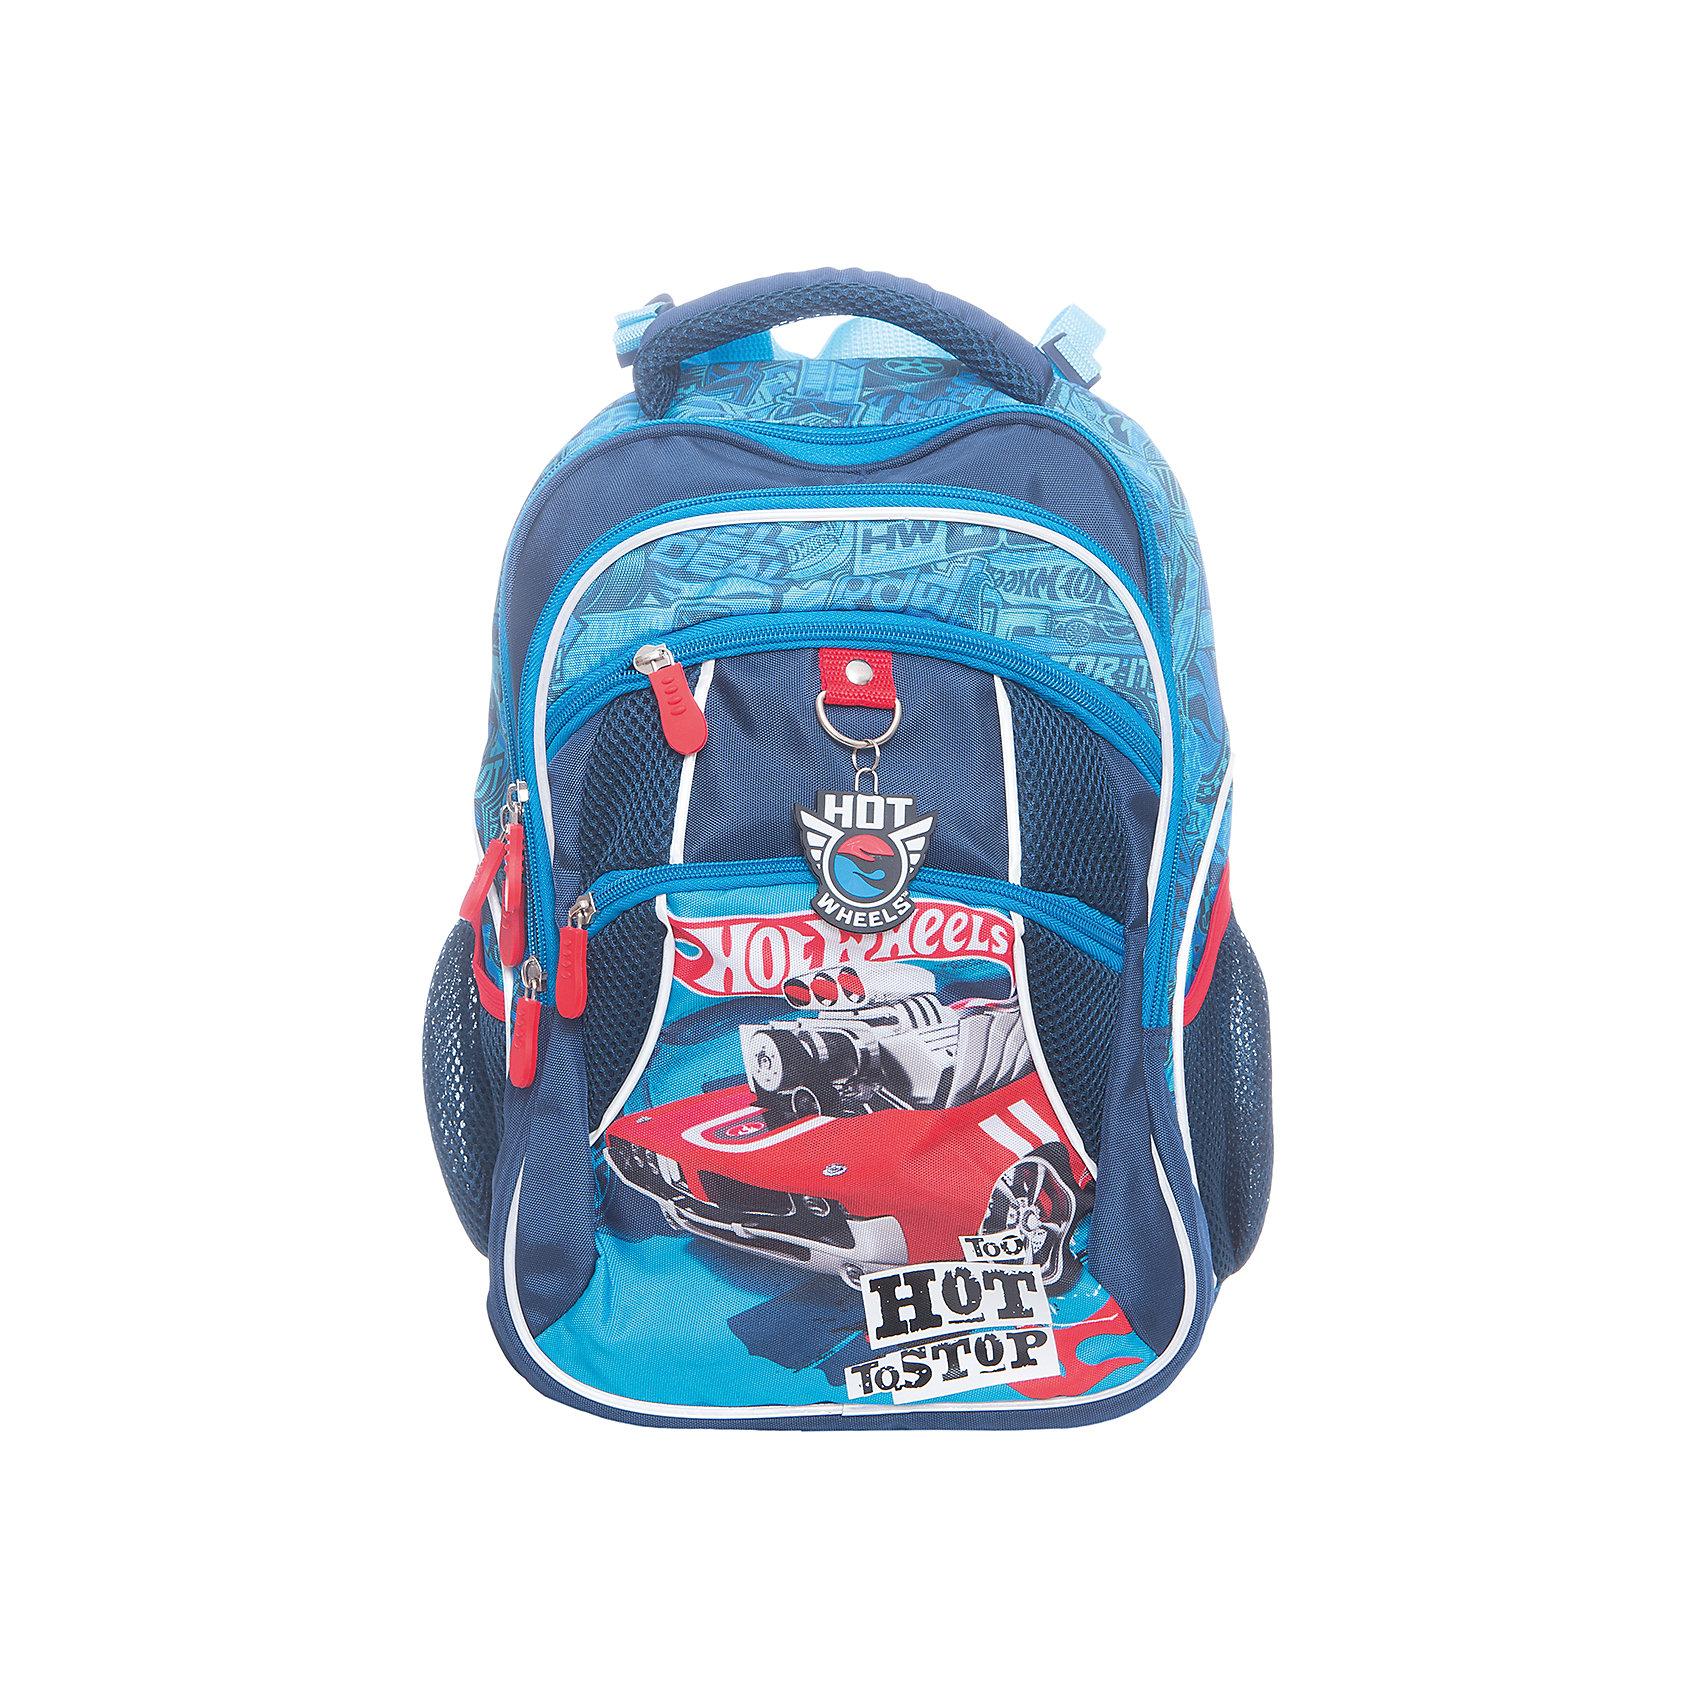 Рюкзак школьный Hot Wheels Super CarHot Wheels<br>Характеристики товара:<br><br>• принт: Hot Wheels Super Car<br>• для начальной школы<br>• цвет: синий<br>• материал: полиэстер, пластик<br>• спинка: эргономичная<br>• размер изделия: 17х28х38 см<br>• вес в кг: 450гр<br>• страна бренда: Германия<br>• страна изготовитель: Китай<br><br>Рюкзак школьный ErichKrause с 2 основными отделениями для учебников, тетрадей, блокнотов и других школьных принадлежностей. <br><br>Спереди 2 кармана на молнии, по бокам сетчатые кармашки для бутылочки с водой. Рюкзак изготовлен из прочного износостойкого полиэстера с водотталкивающей пропиткой.<br><br>Твердая спинка эргономичной конструкции прямо держит спину, чтобы избежать искривления позвоночника, а<br>сетчатый материал на спинке и внутренней стороне лямок обеспечивает циркуляцию воздуха.<br><br>Светоотражающие вставки гарантируют видимость на темной дороге.<br><br>Рюкзак с эргономичной спинкой Hot Wheels Super Car можно купить в нашем интернет-магазине.<br><br>Ширина мм: 440<br>Глубина мм: 330<br>Высота мм: 190<br>Вес г: 697<br>Возраст от месяцев: 72<br>Возраст до месяцев: 96<br>Пол: Мужской<br>Возраст: Детский<br>SKU: 6842678